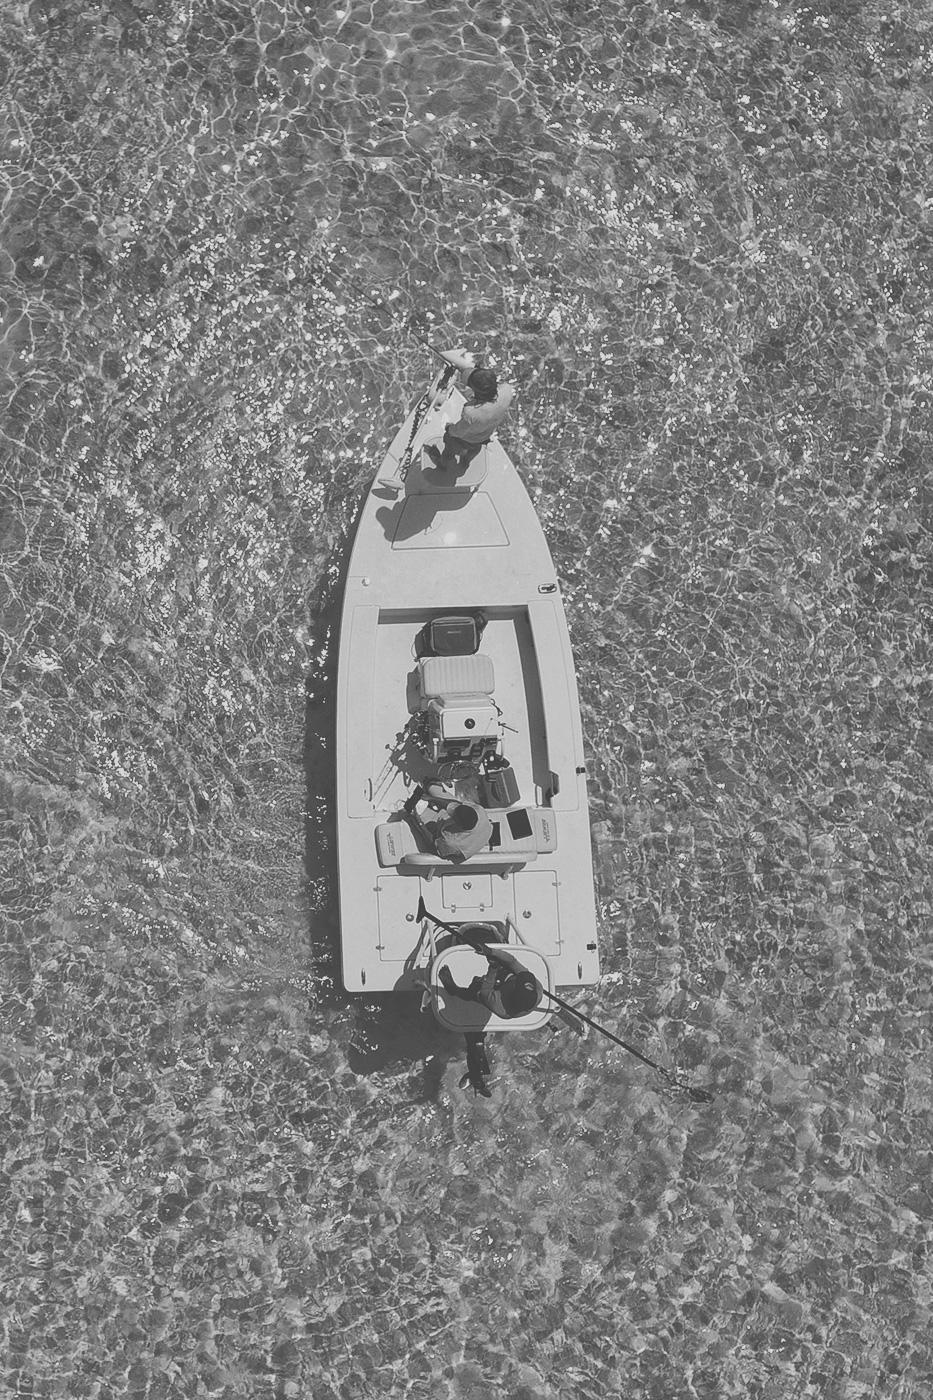 Angler beim Fliegenfischen in einem Boot